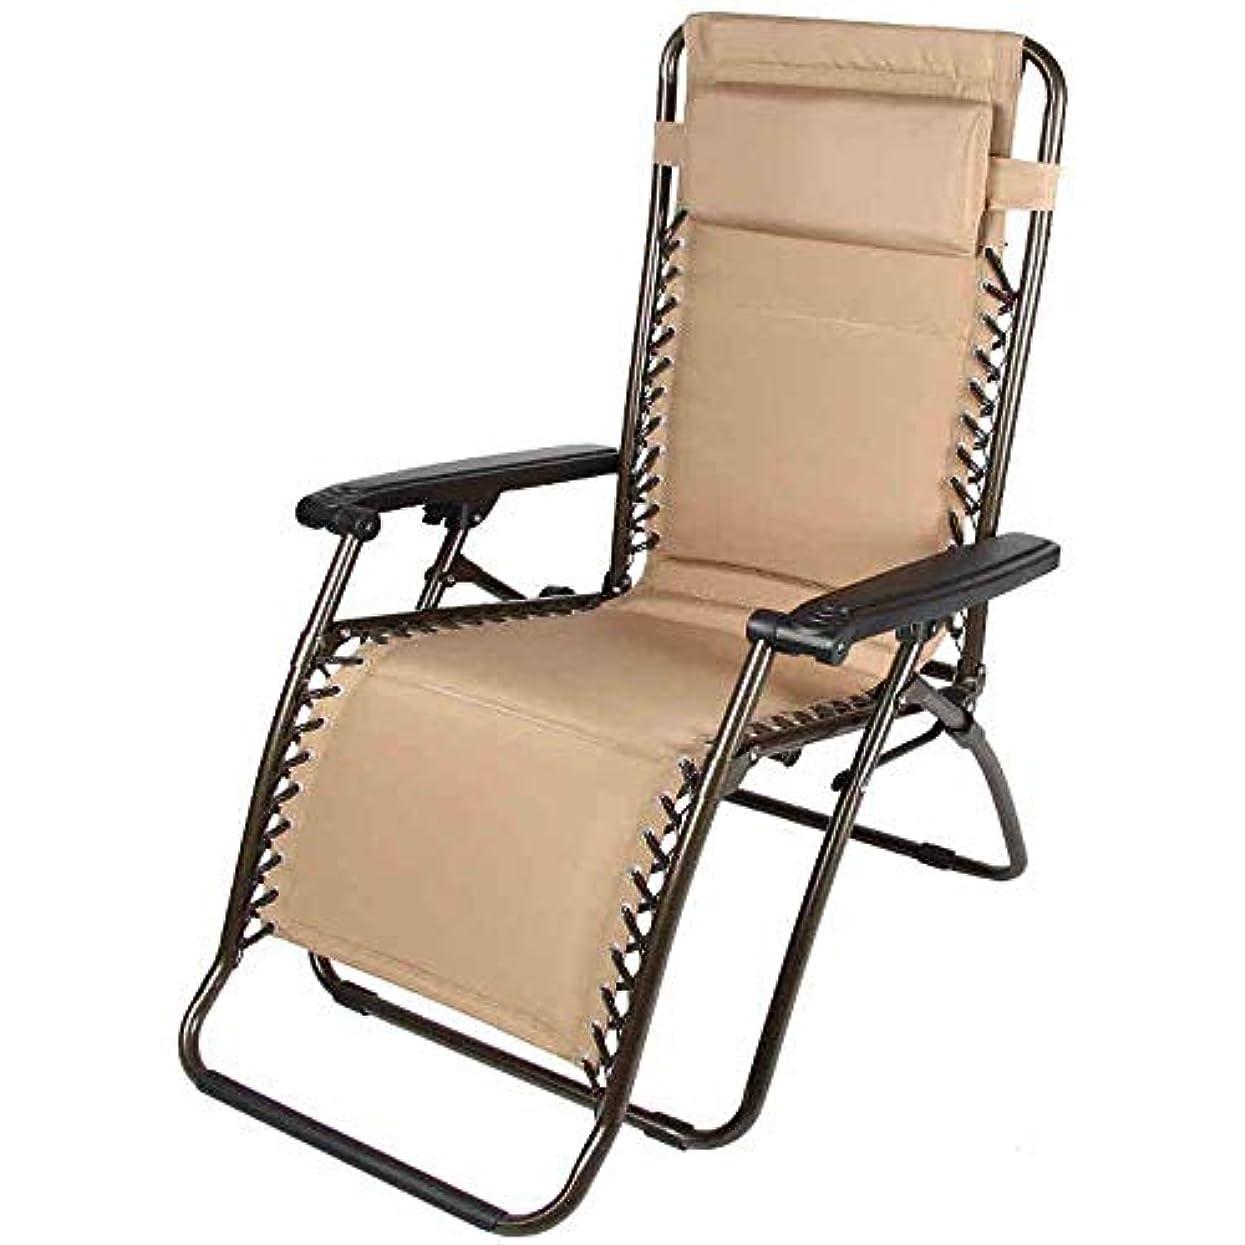 ピル毎月中絶ロッキングチェアゼロ重力ラウンジチェア枕調節可能な折りたたみリクライニングチェア屋外パティオチェアブラウン